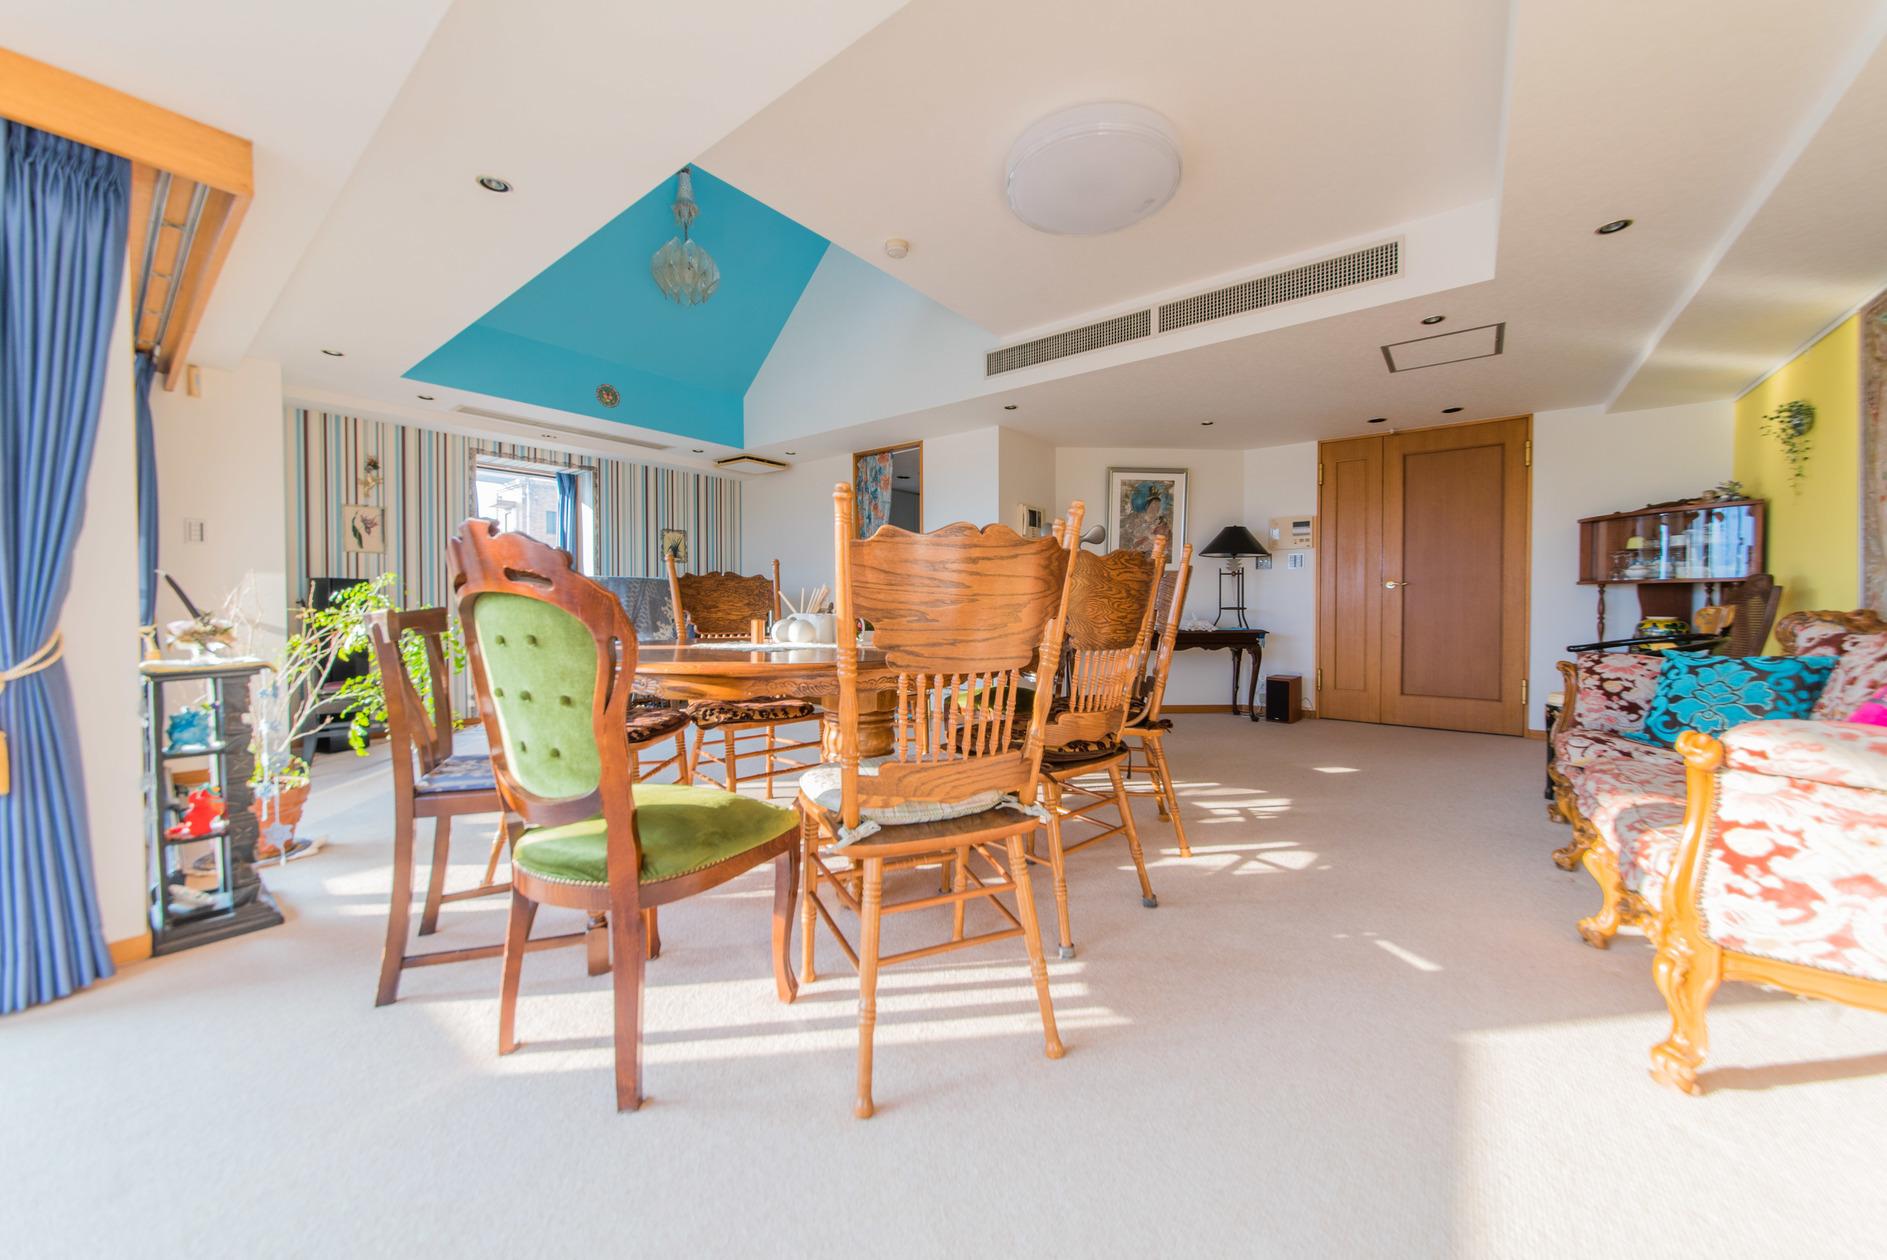 中野の億ション・グランドピアノのあるリビング・フロア占有のお部屋(グランドピアノのある中野の億ション) の写真0